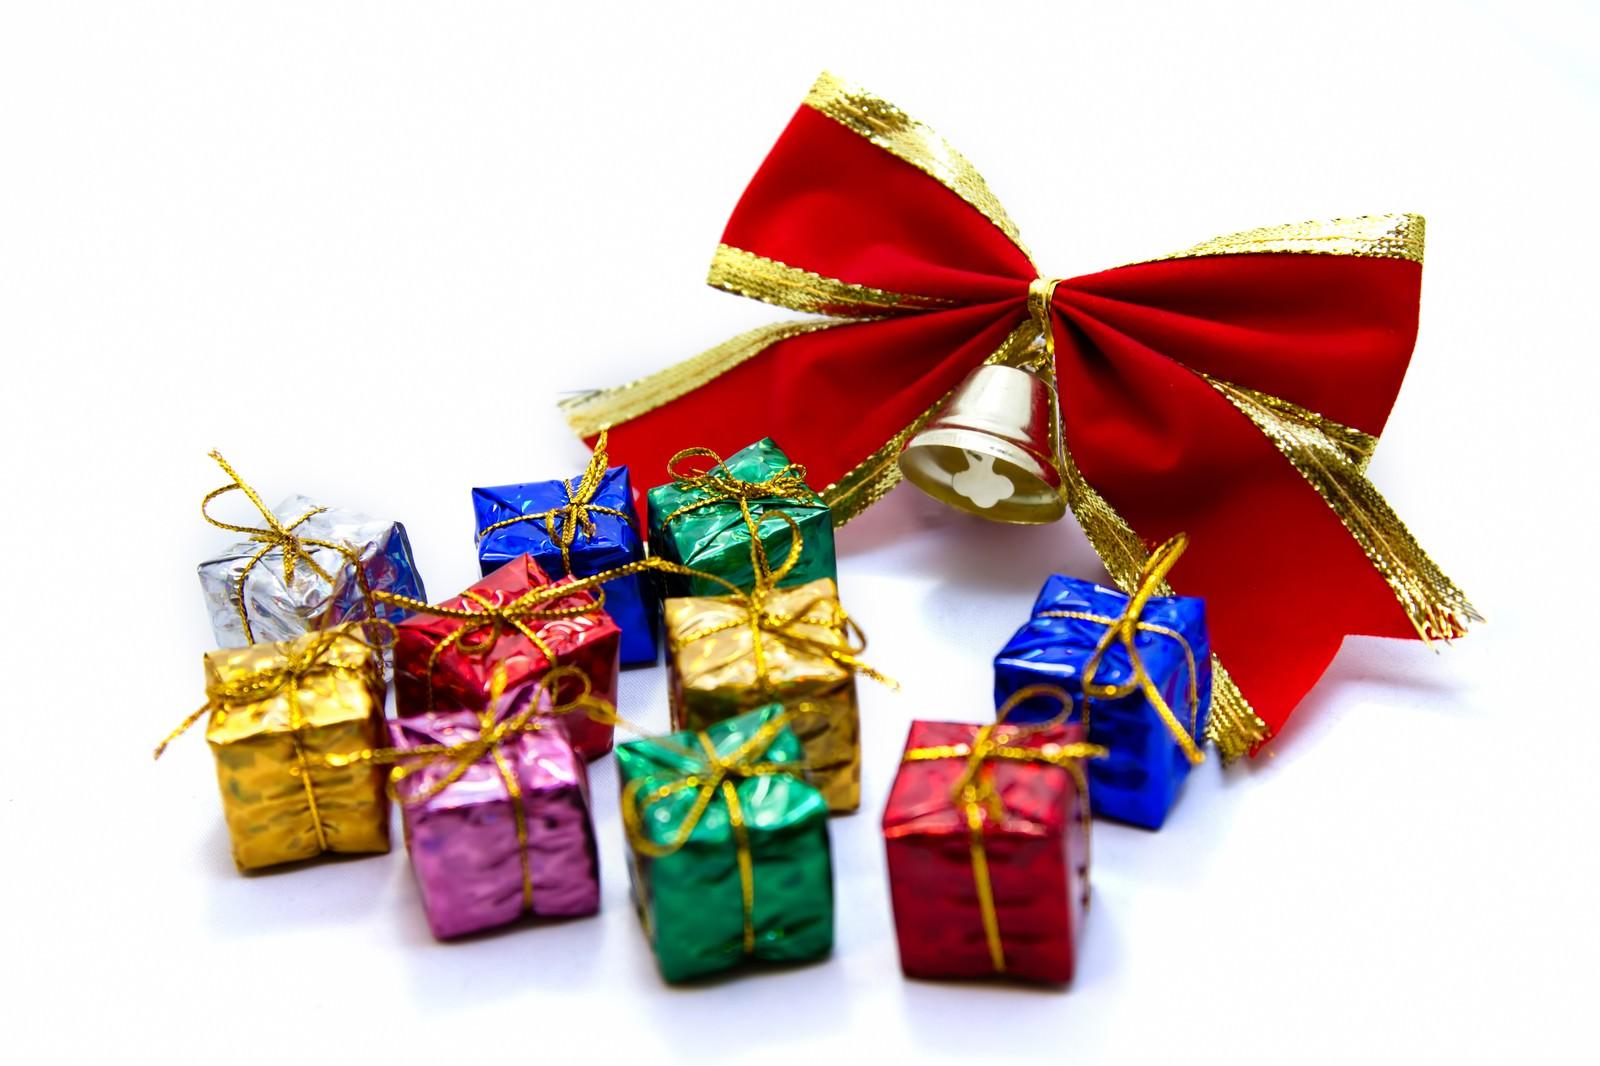 「赤いリボンとプレゼントボックス」の写真